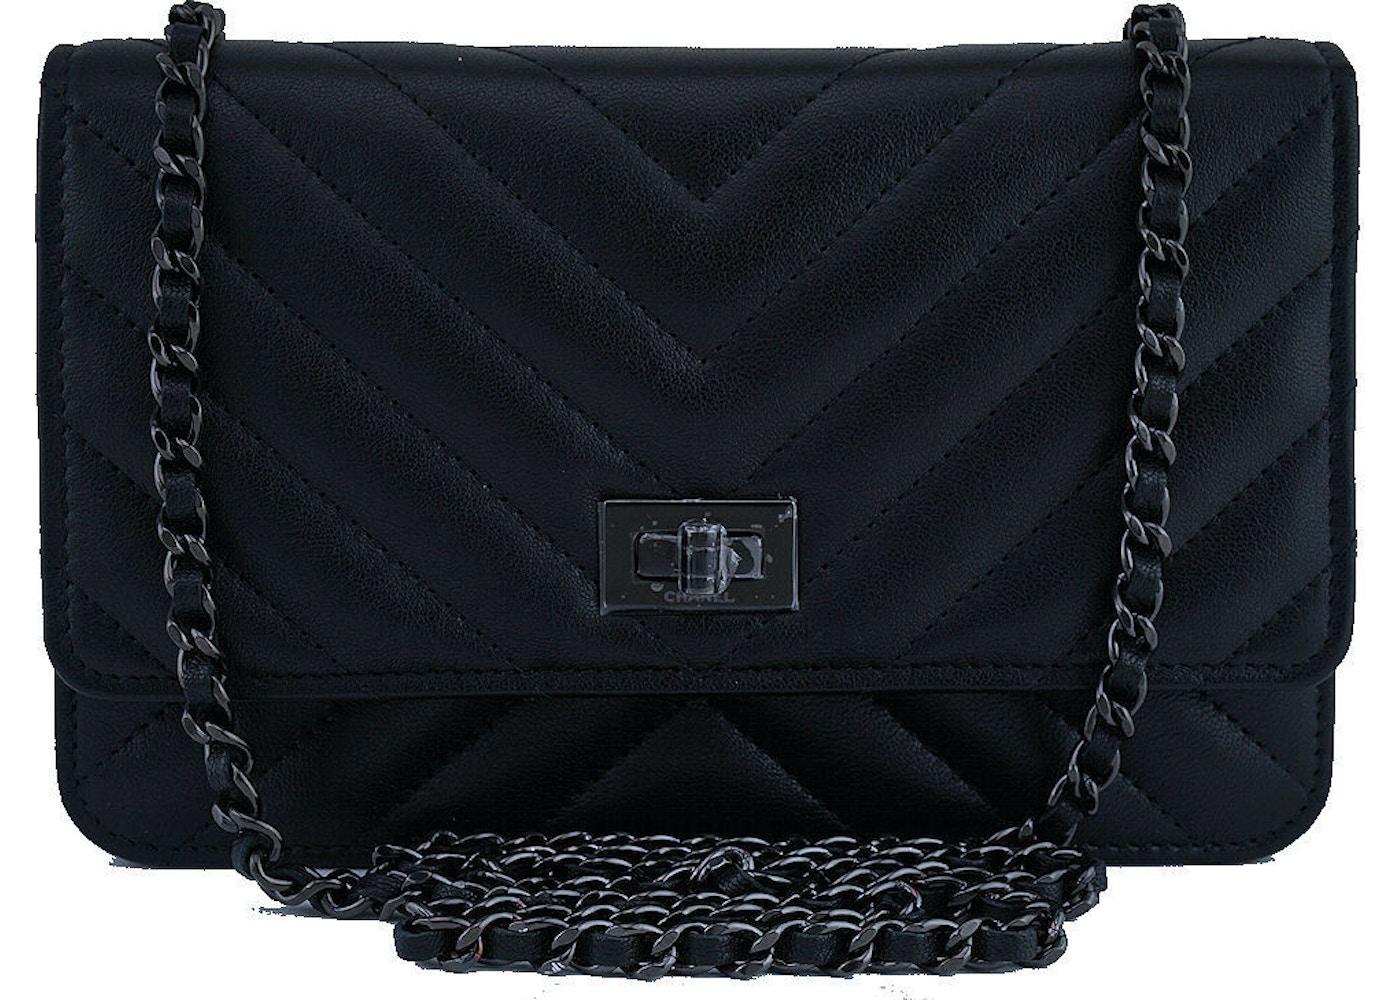 a2e7ed93 Chanel So Black Bag Price